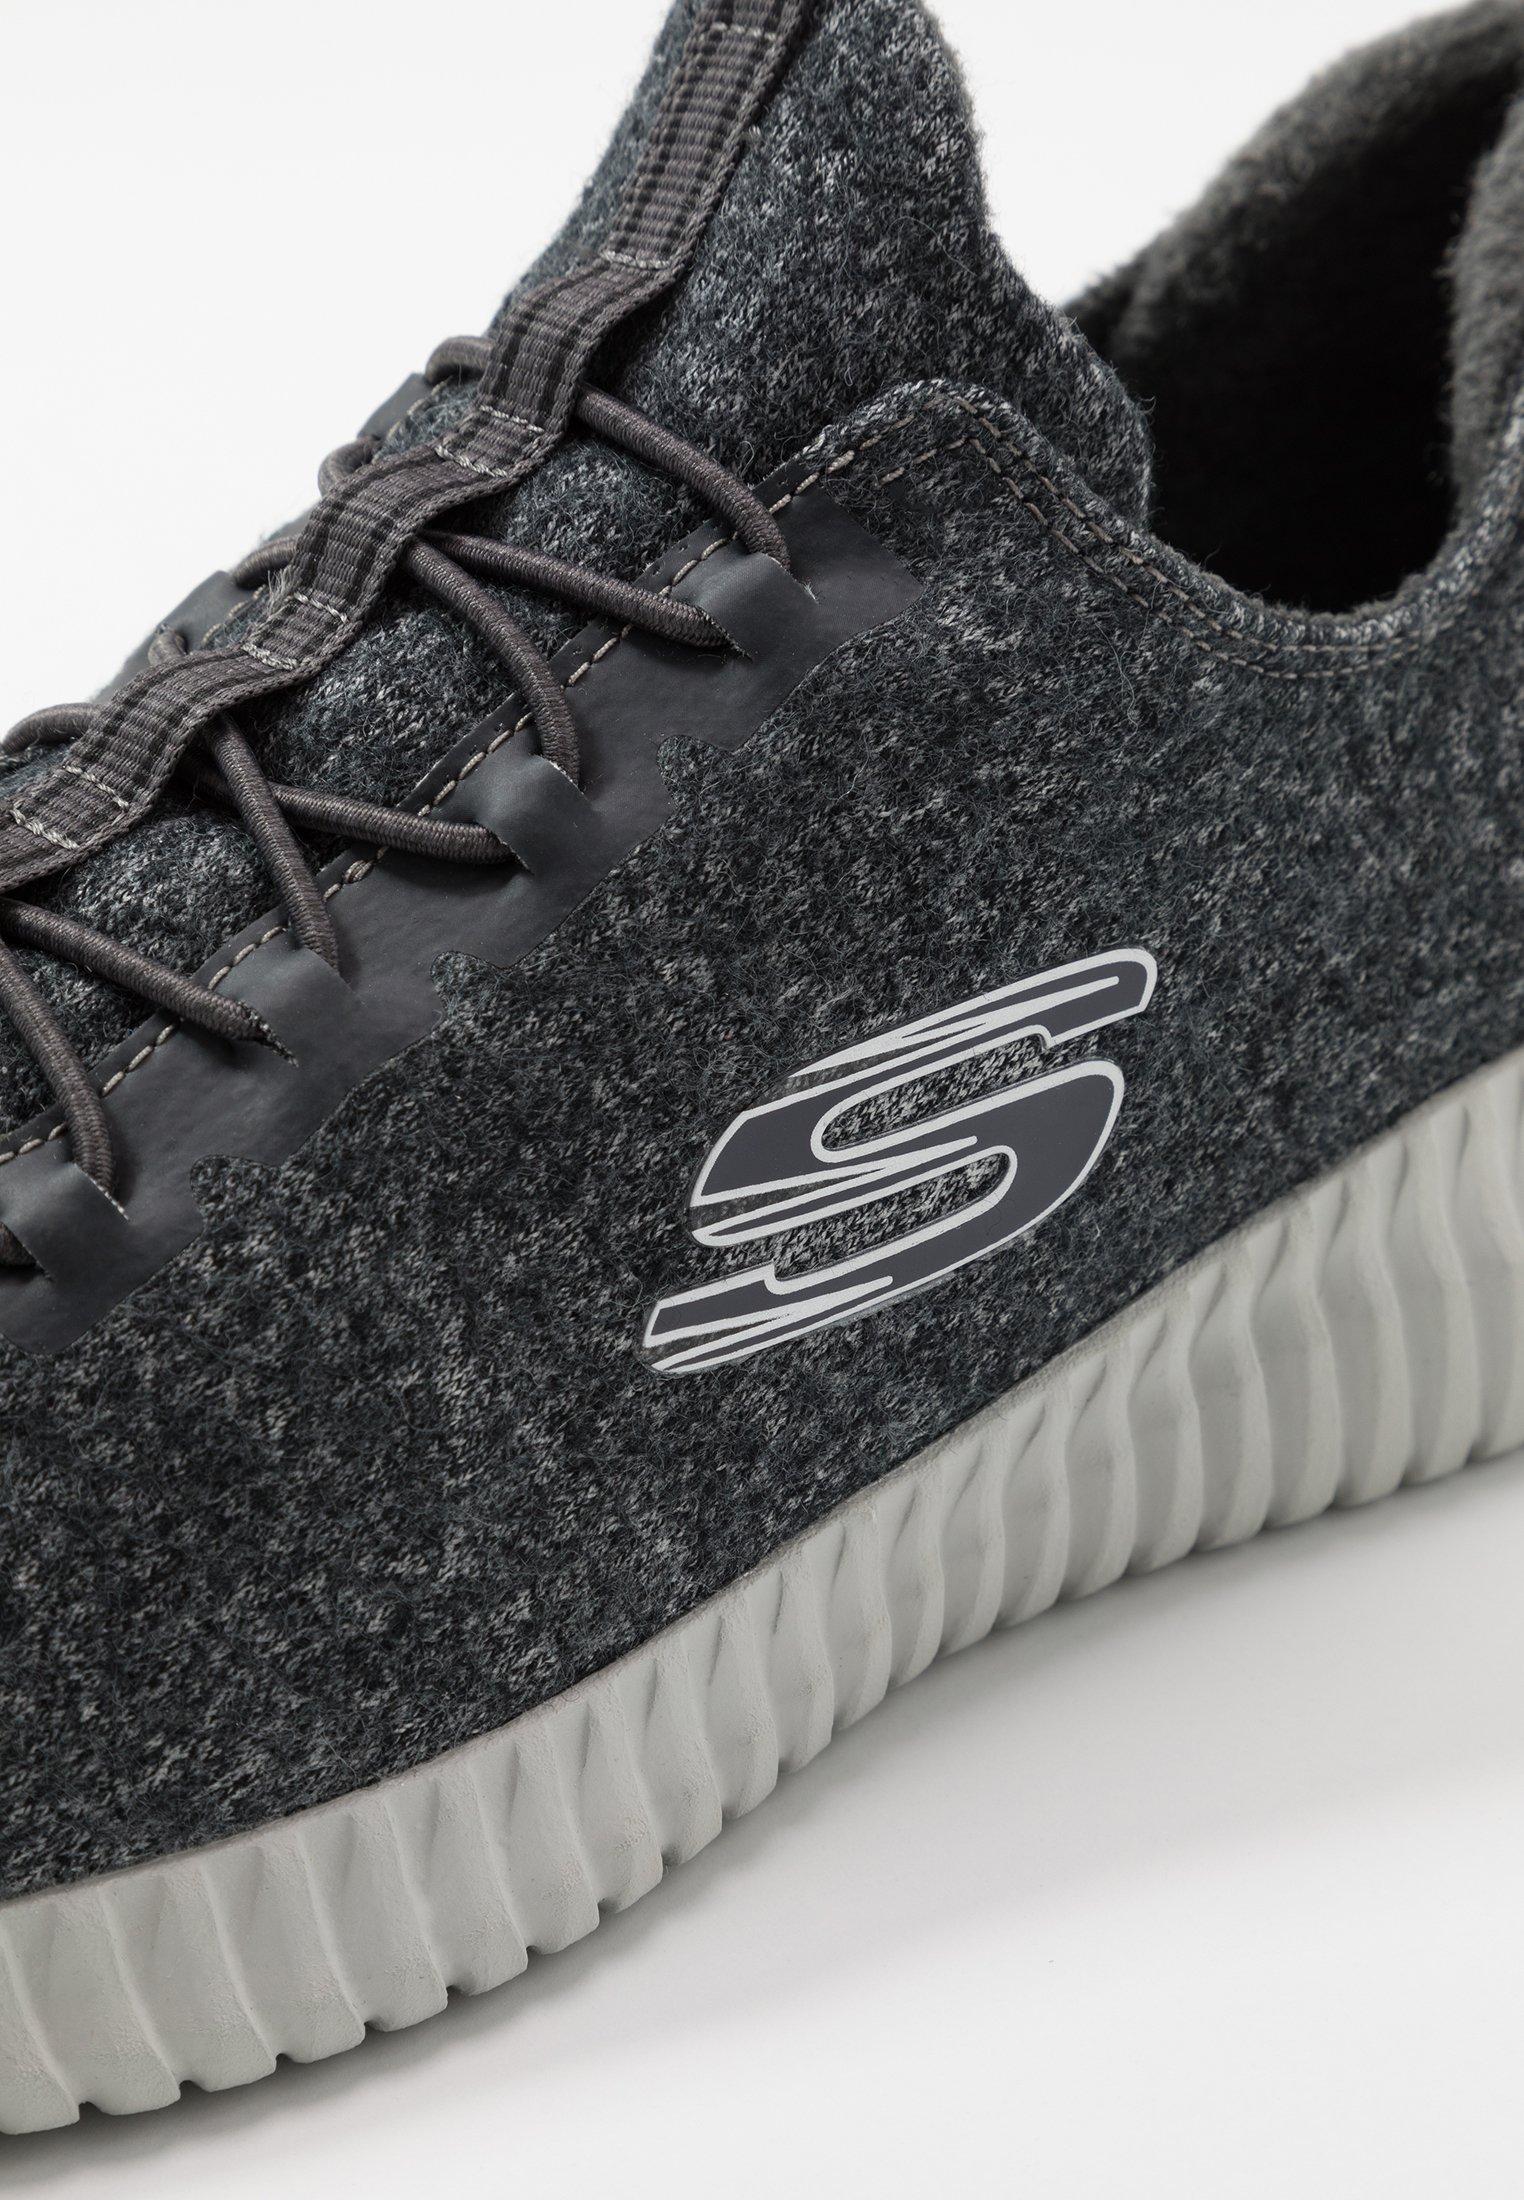 Lacci Skechers FlexScarpe Sport Elite Charcoal Senza R5Sc4Lq3Aj